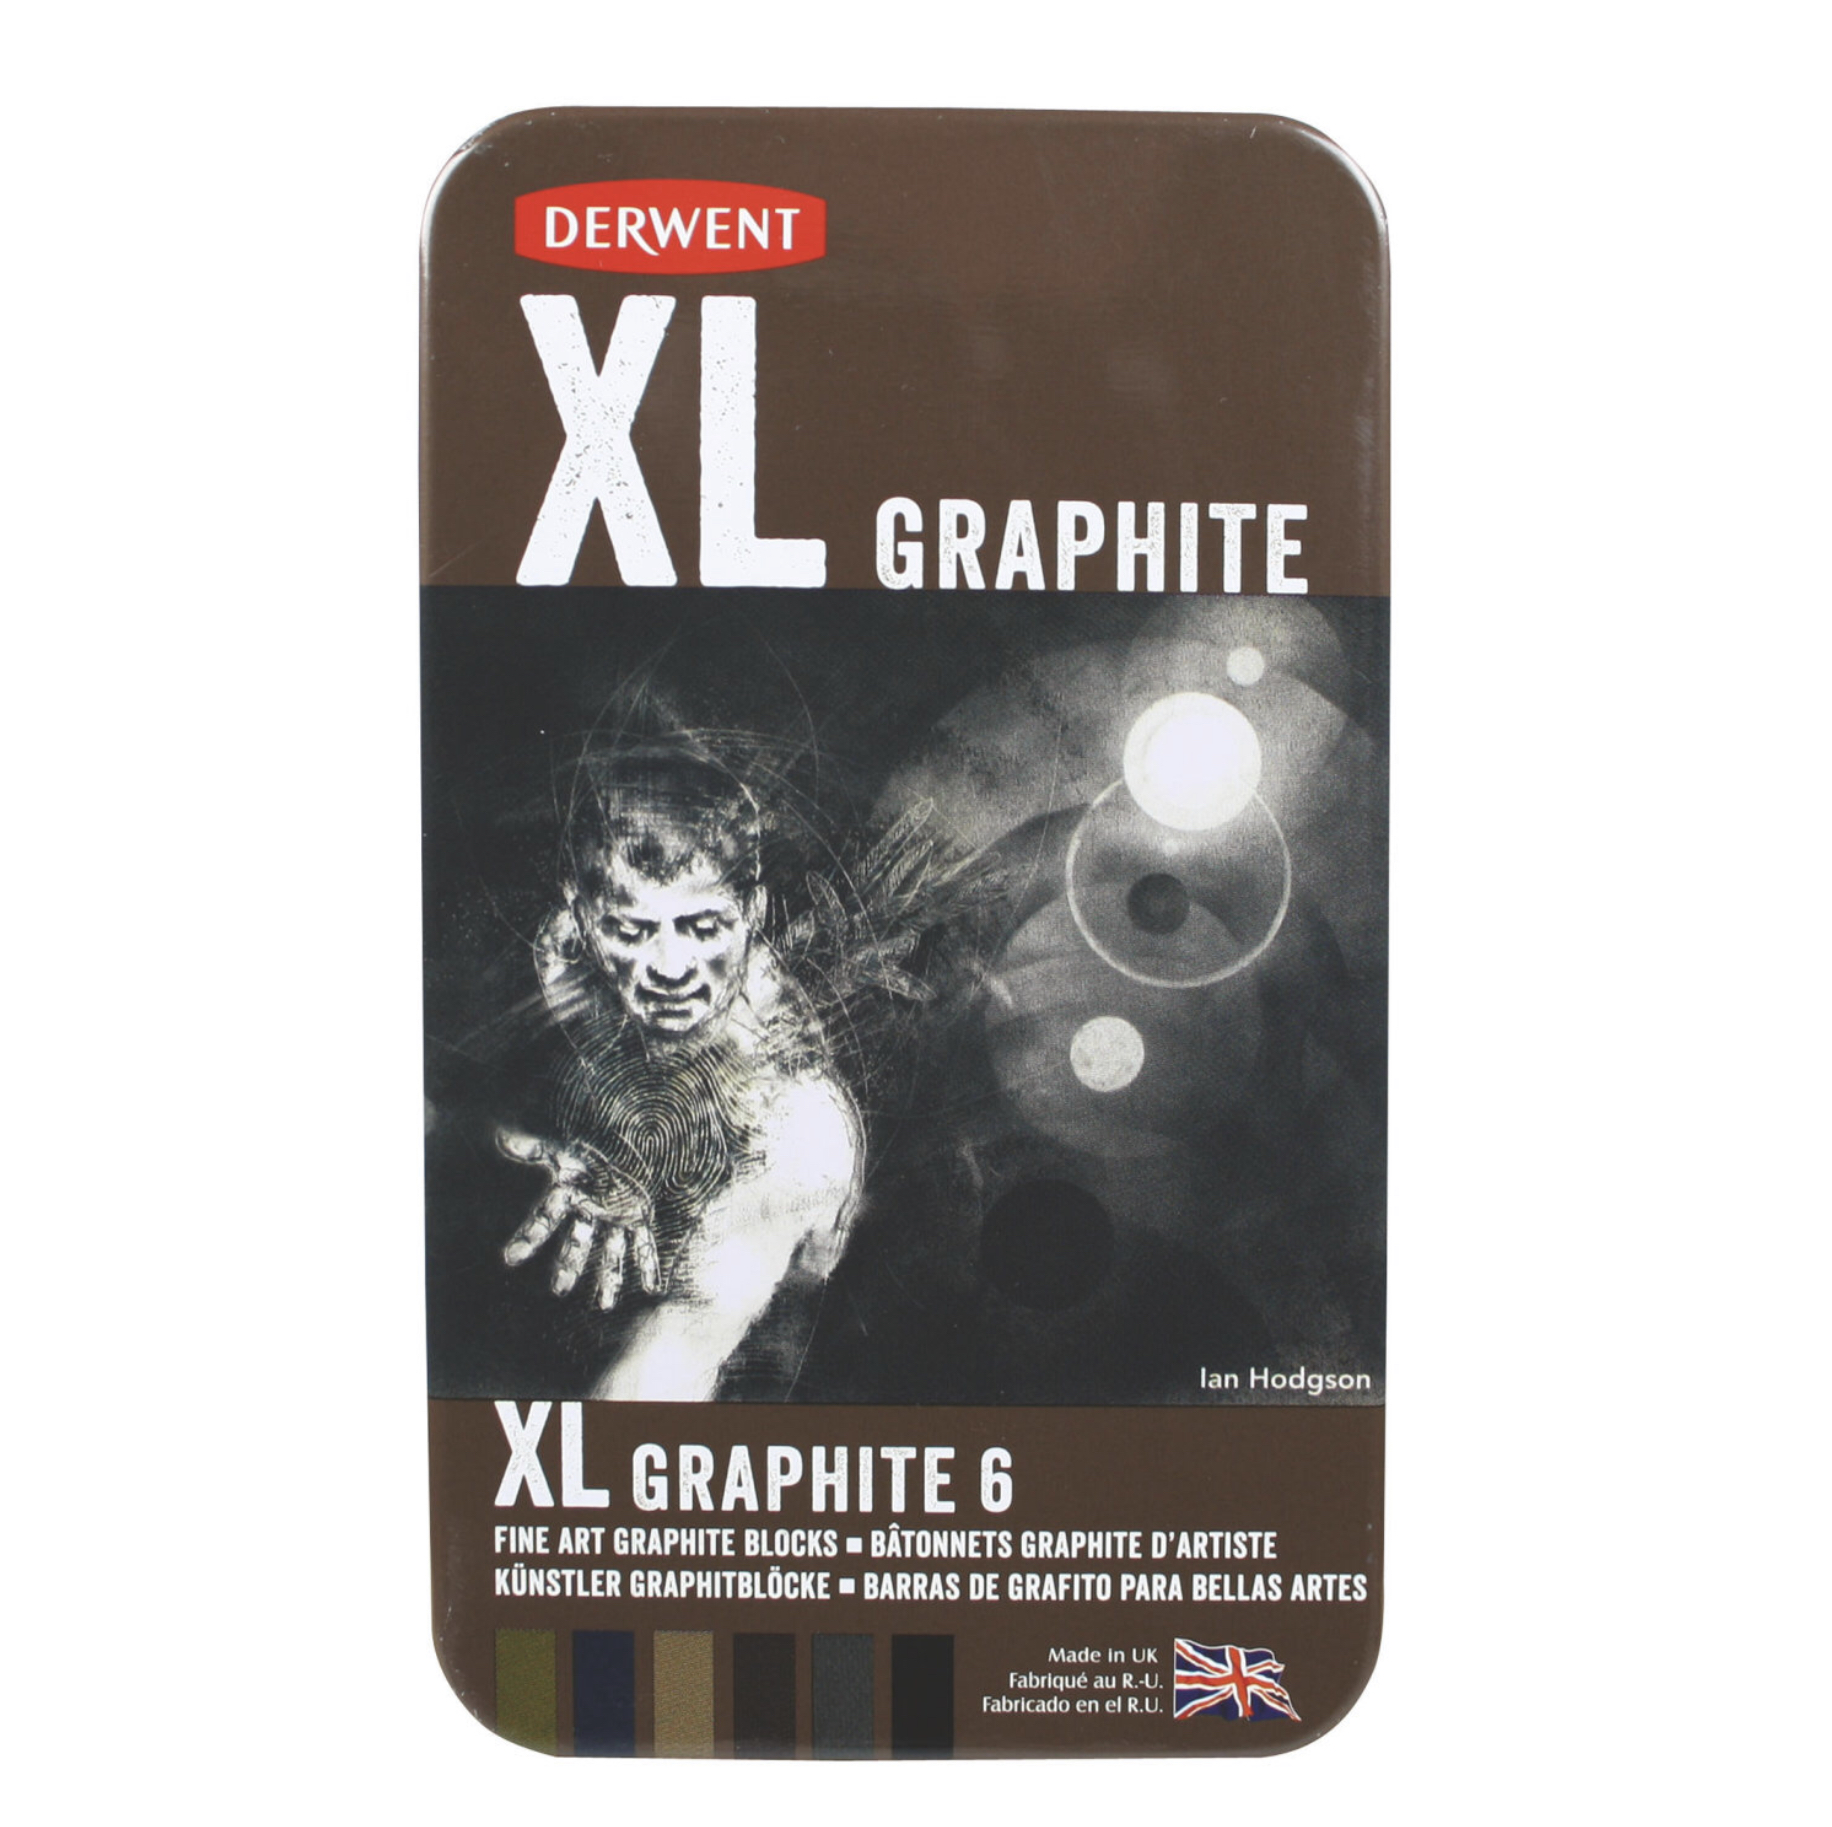 Derwent XL graphite Angelart Kunst en zo